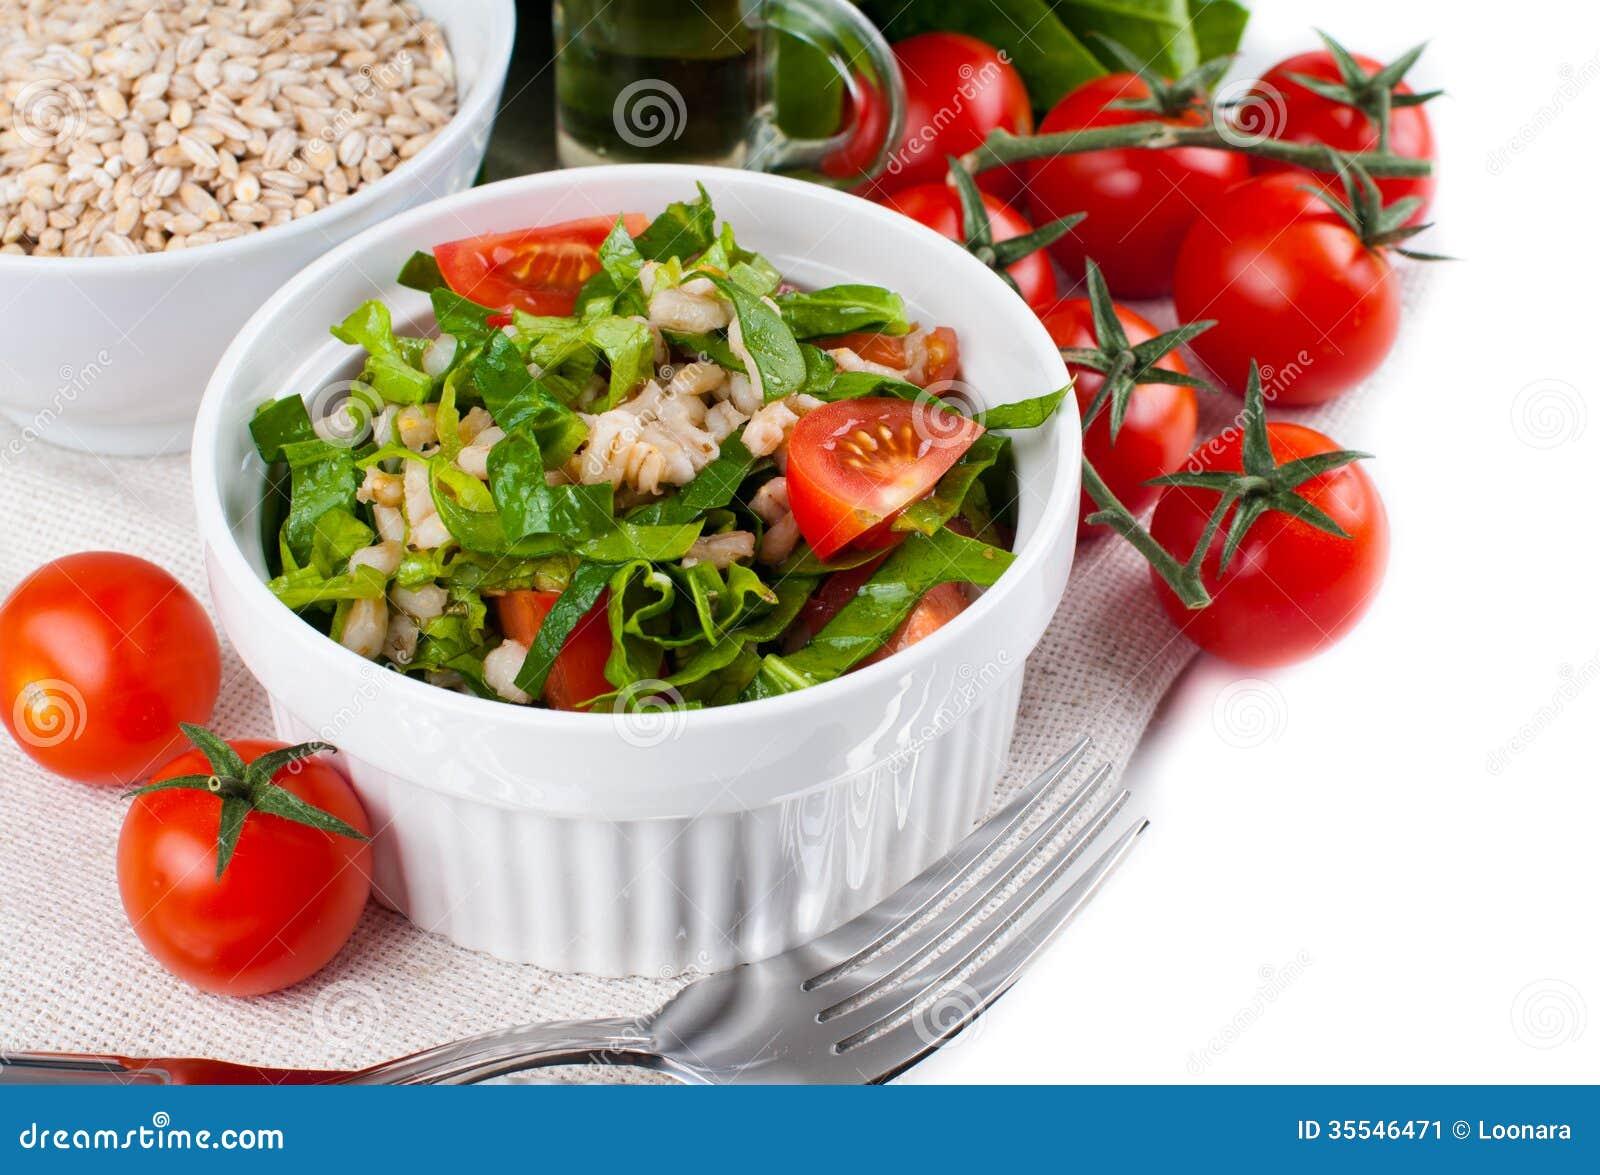 vegan cuisine food background stock image image 35546471. Black Bedroom Furniture Sets. Home Design Ideas